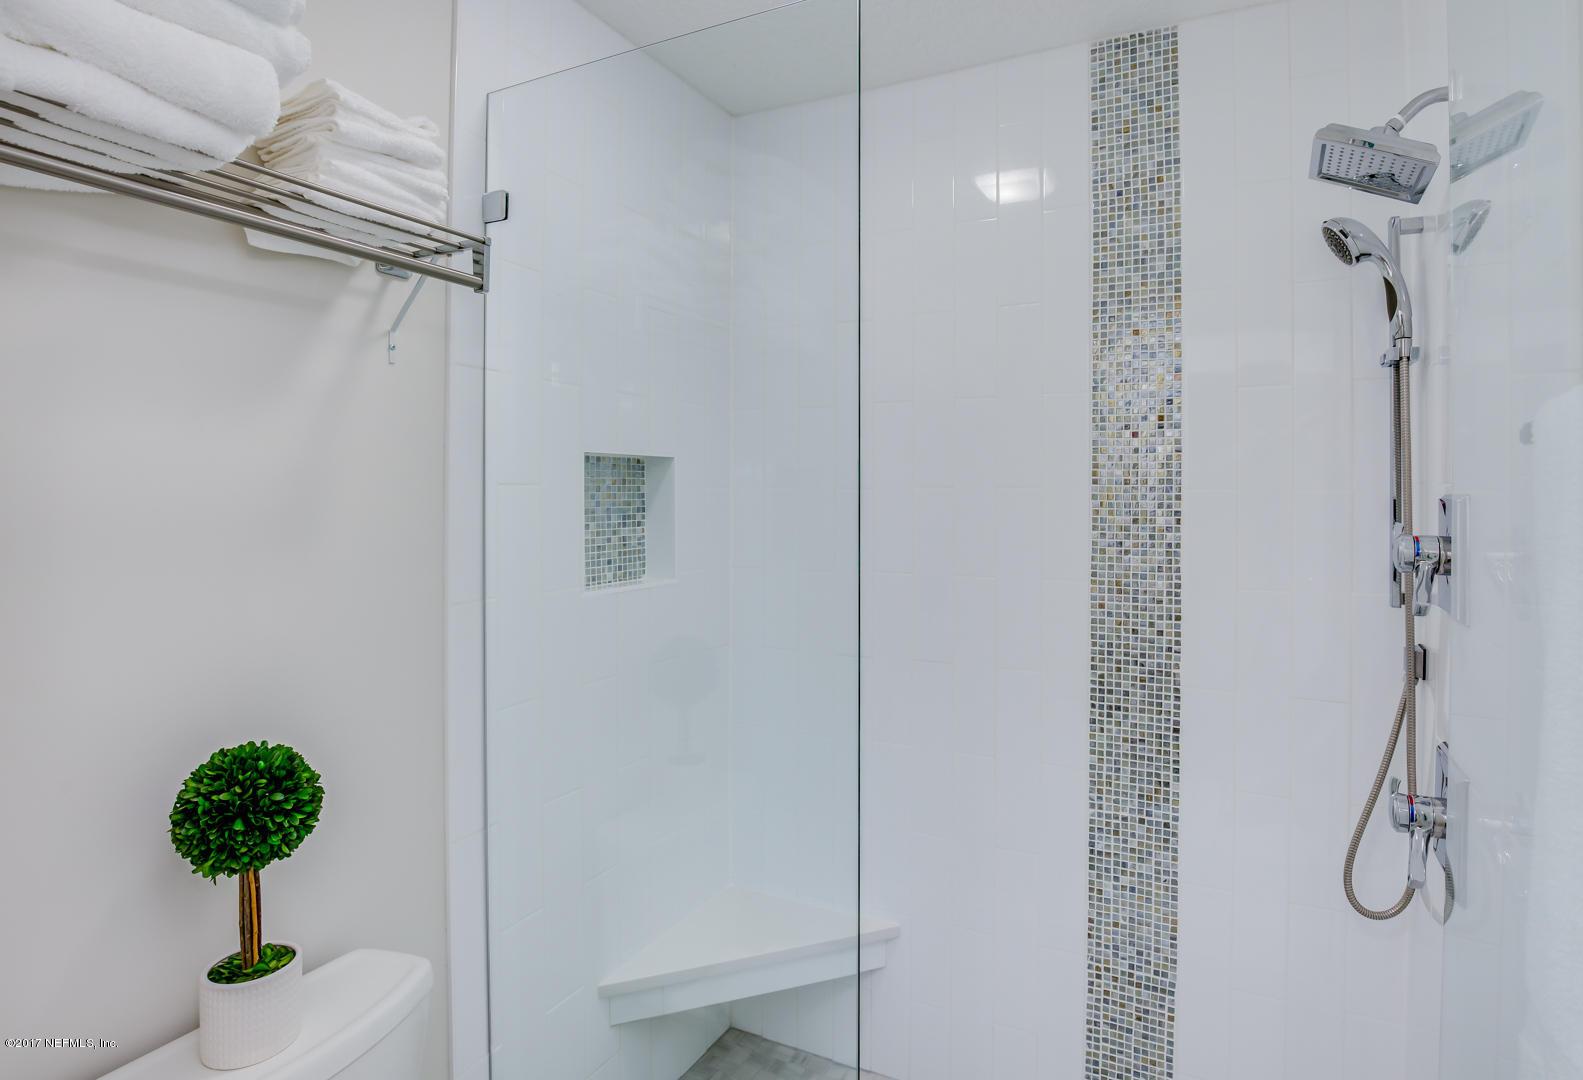 308 QUAIL POINTE, PONTE VEDRA BEACH, FLORIDA 32082, 2 Bedrooms Bedrooms, ,2 BathroomsBathrooms,Rental,For Rent,QUAIL POINTE,867789